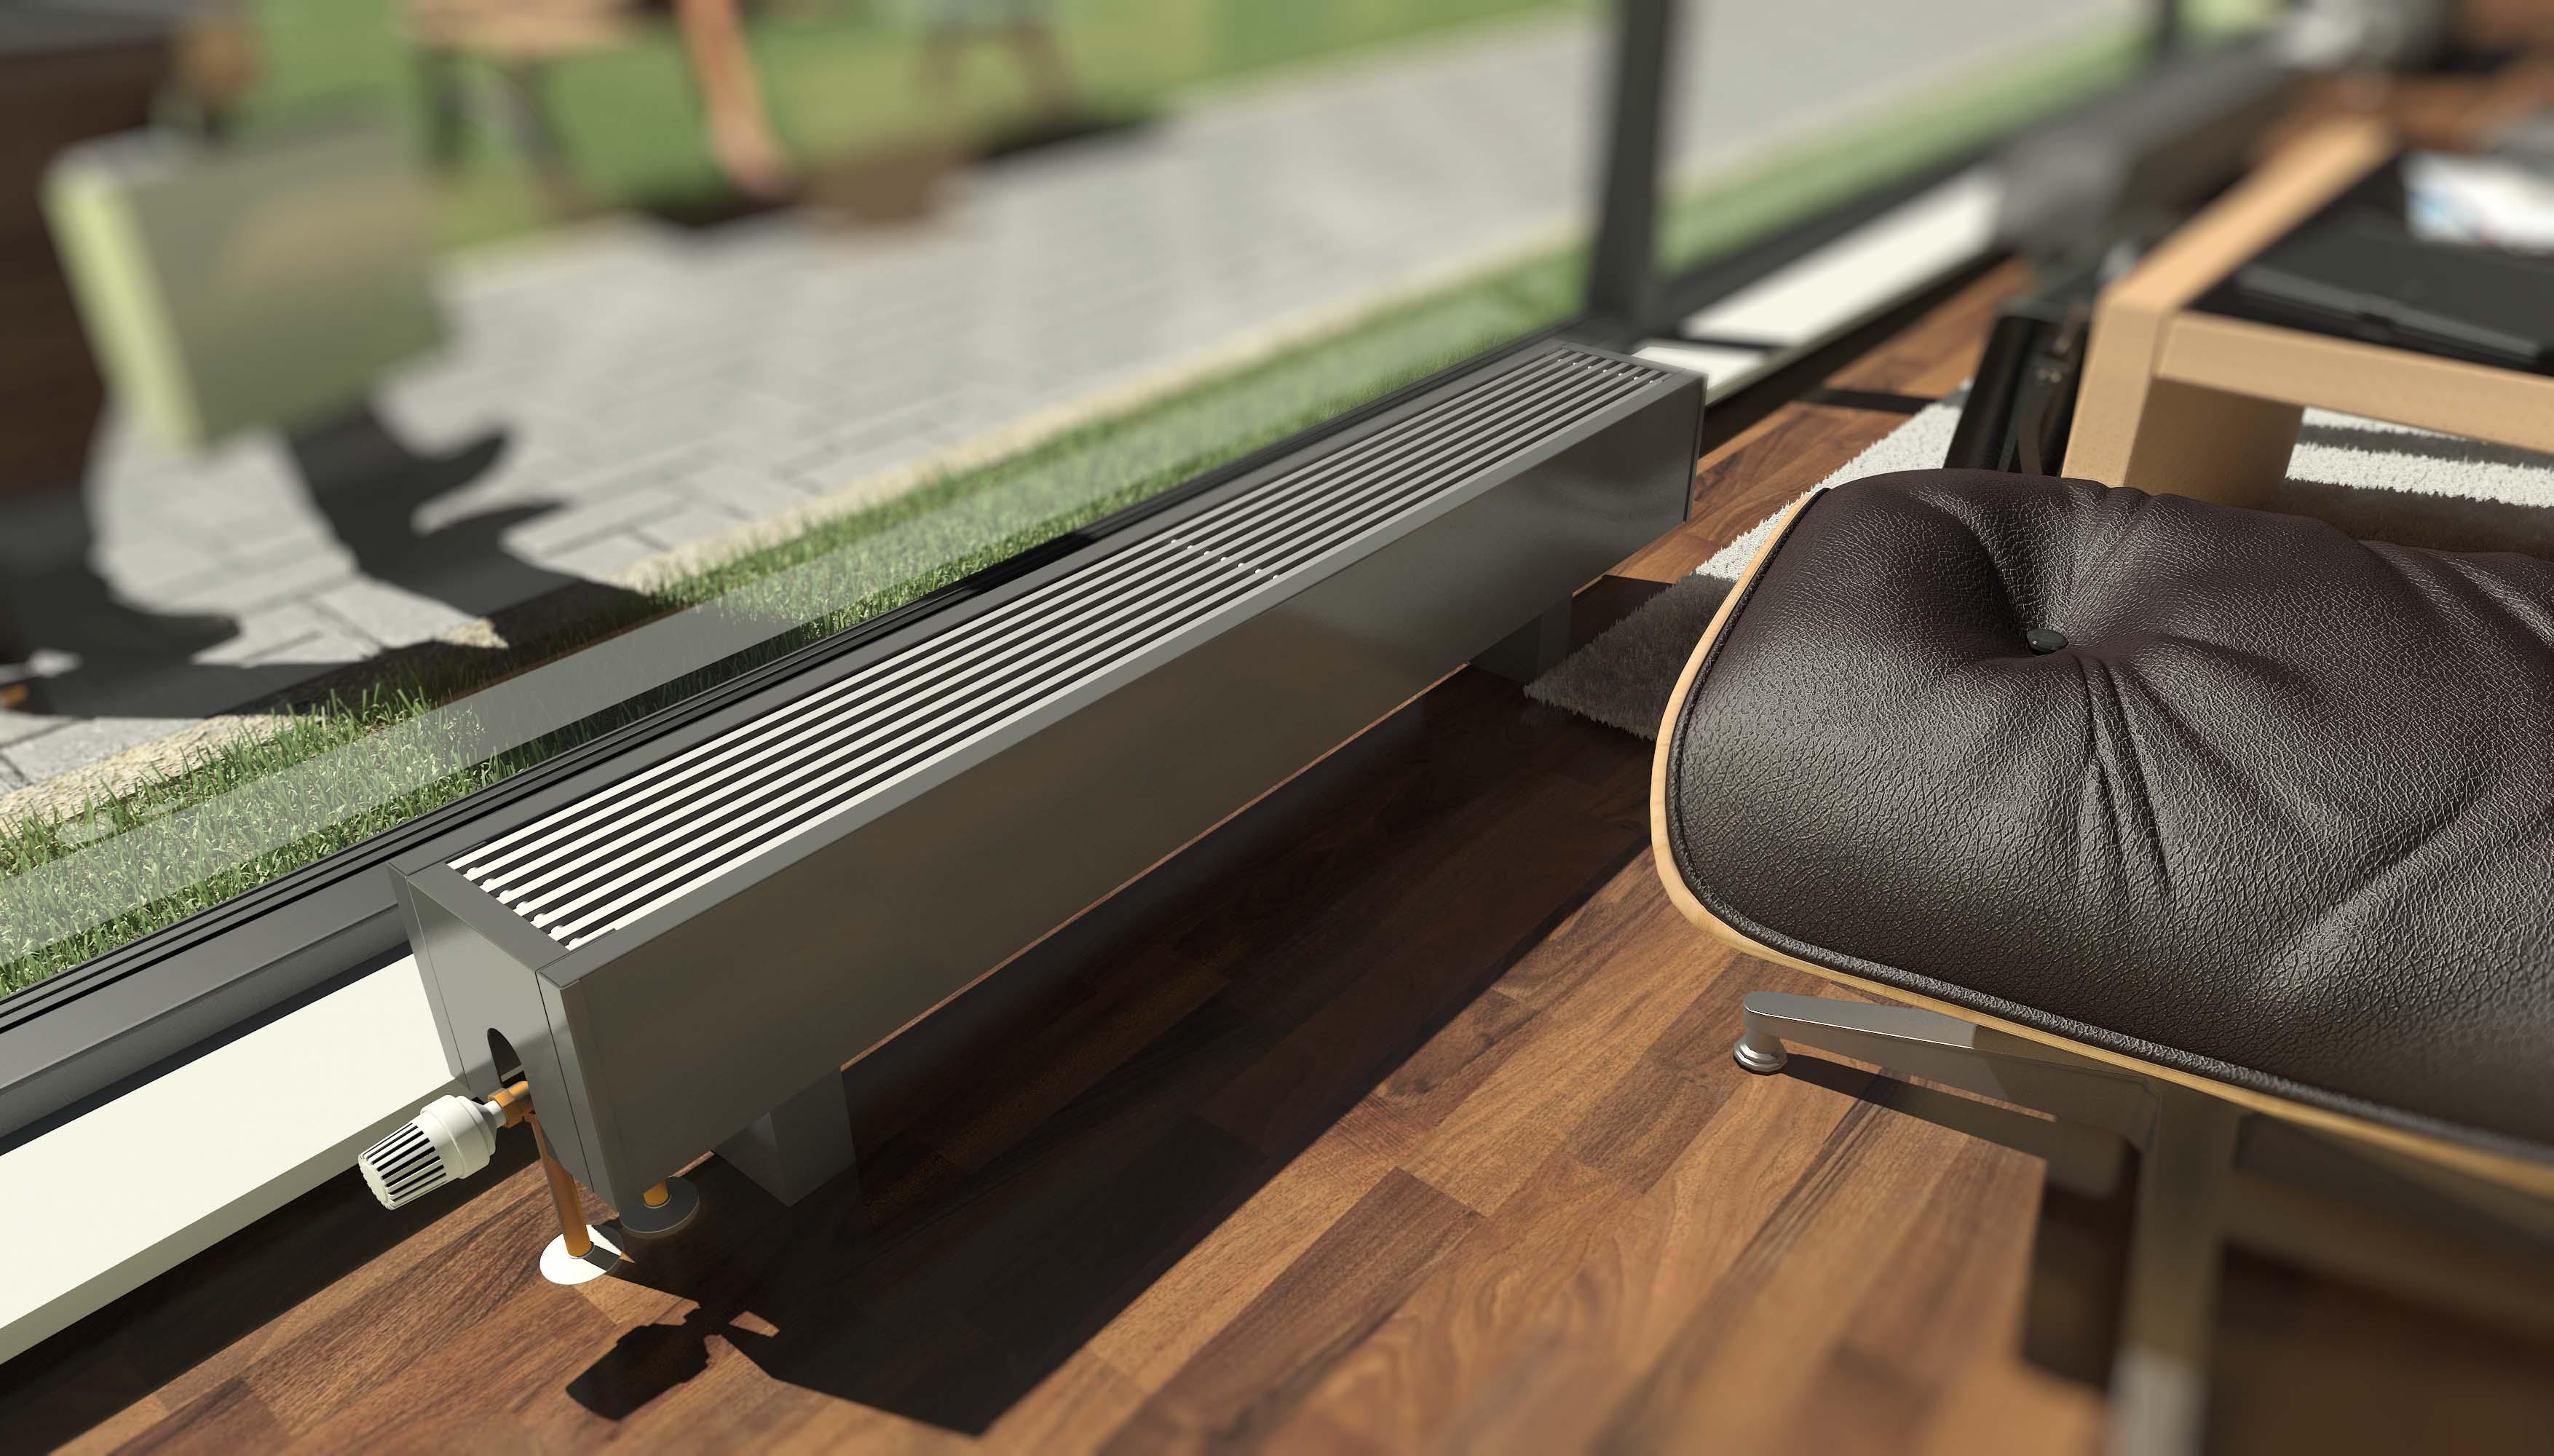 Chauffage solaire piscine enterree devis travaux gratuit for Canadian tire piscine hors terre